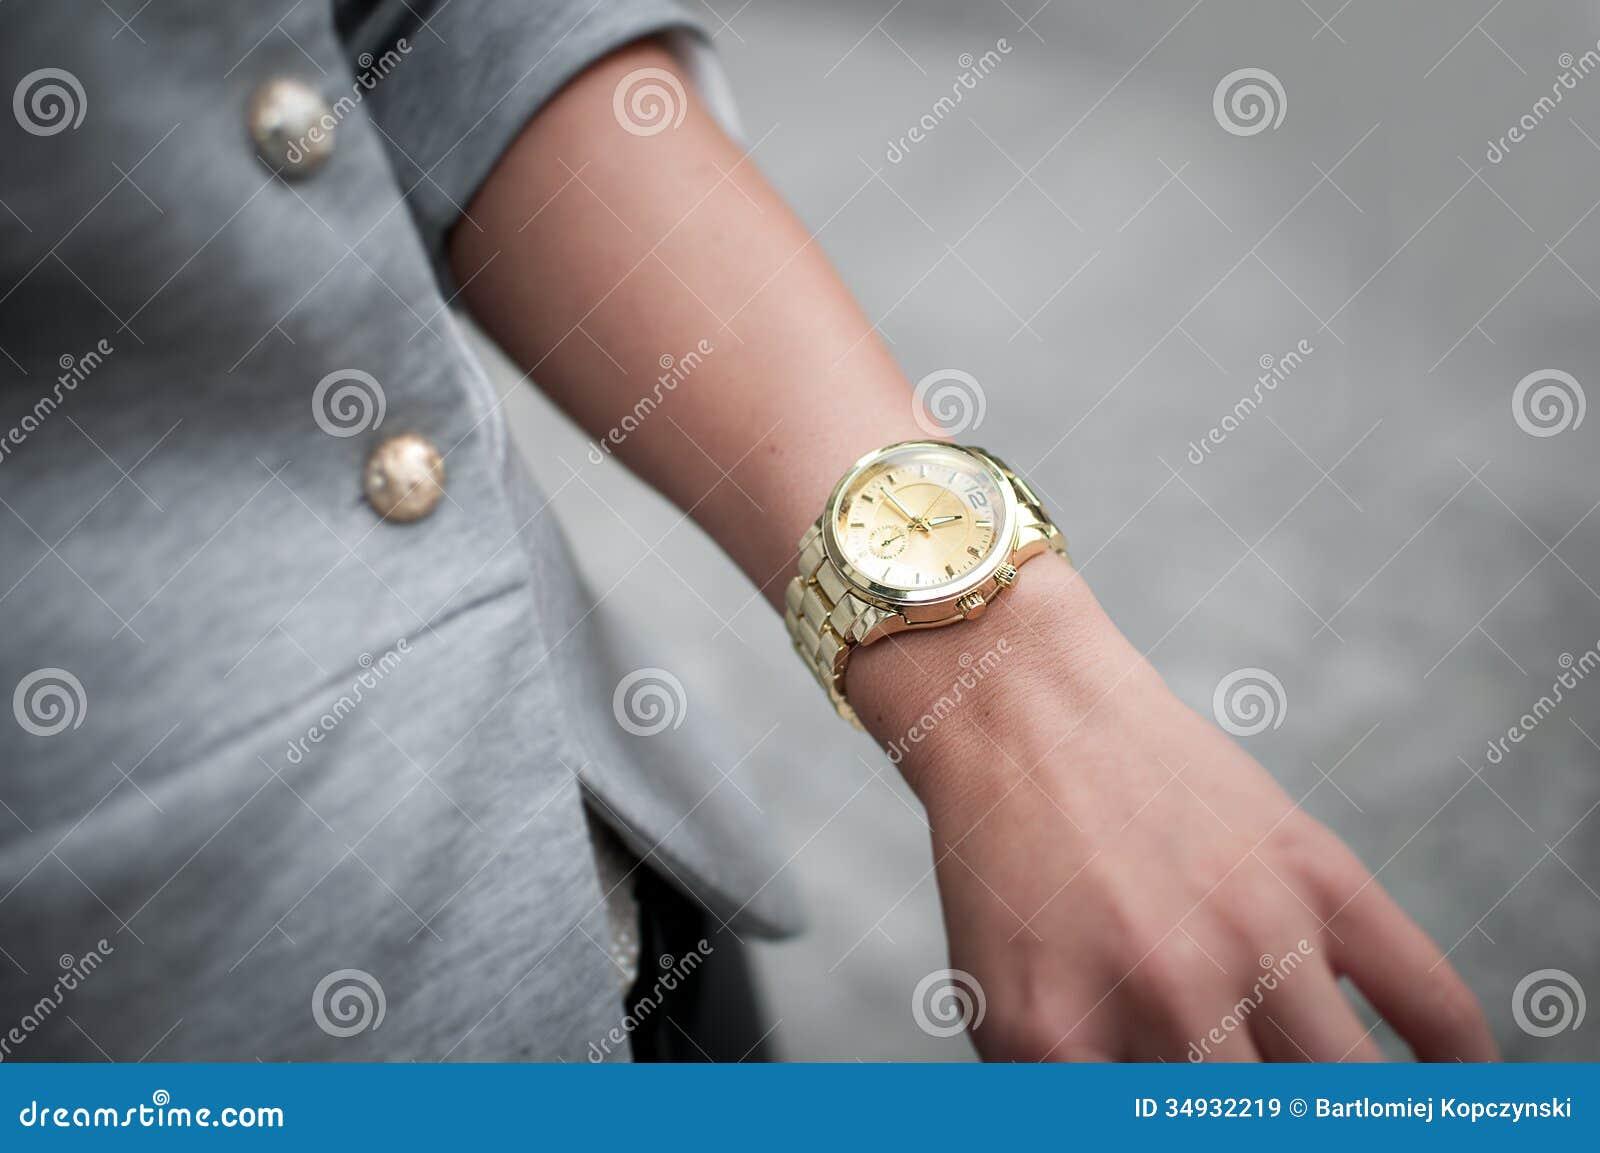 Avec De La Mode Belle Femme Stock Main MontreImage 5L4jARq3